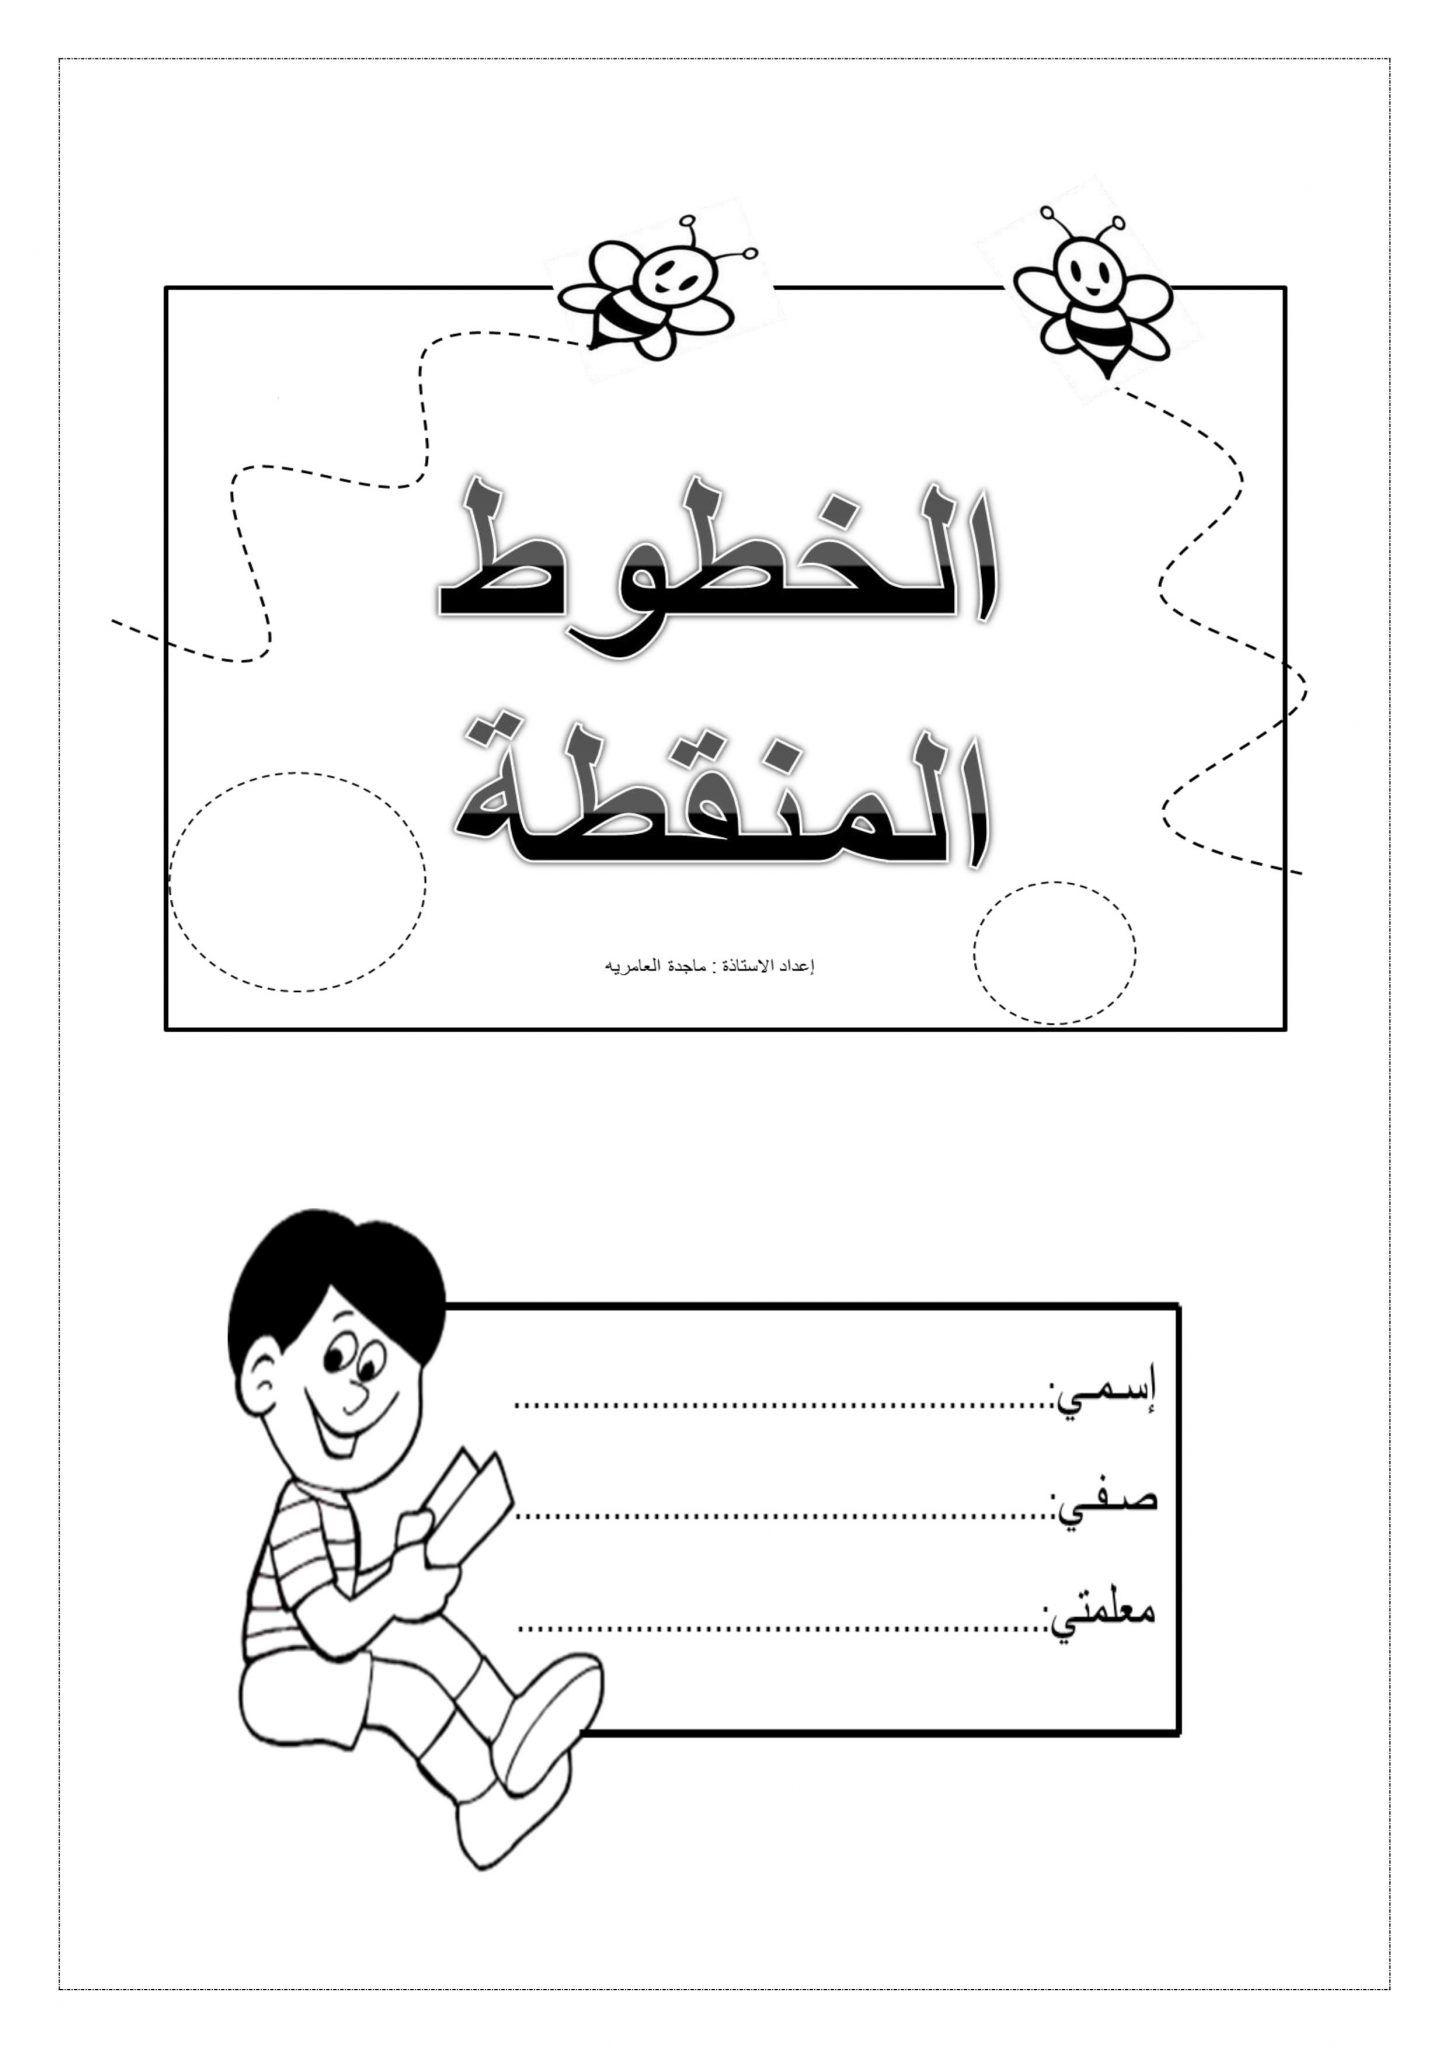 انشطة الخطوط المنقطة لتدريب الاطفال على مسك القلم Arabic Alphabet Letters Lettering Alphabet Book Activities